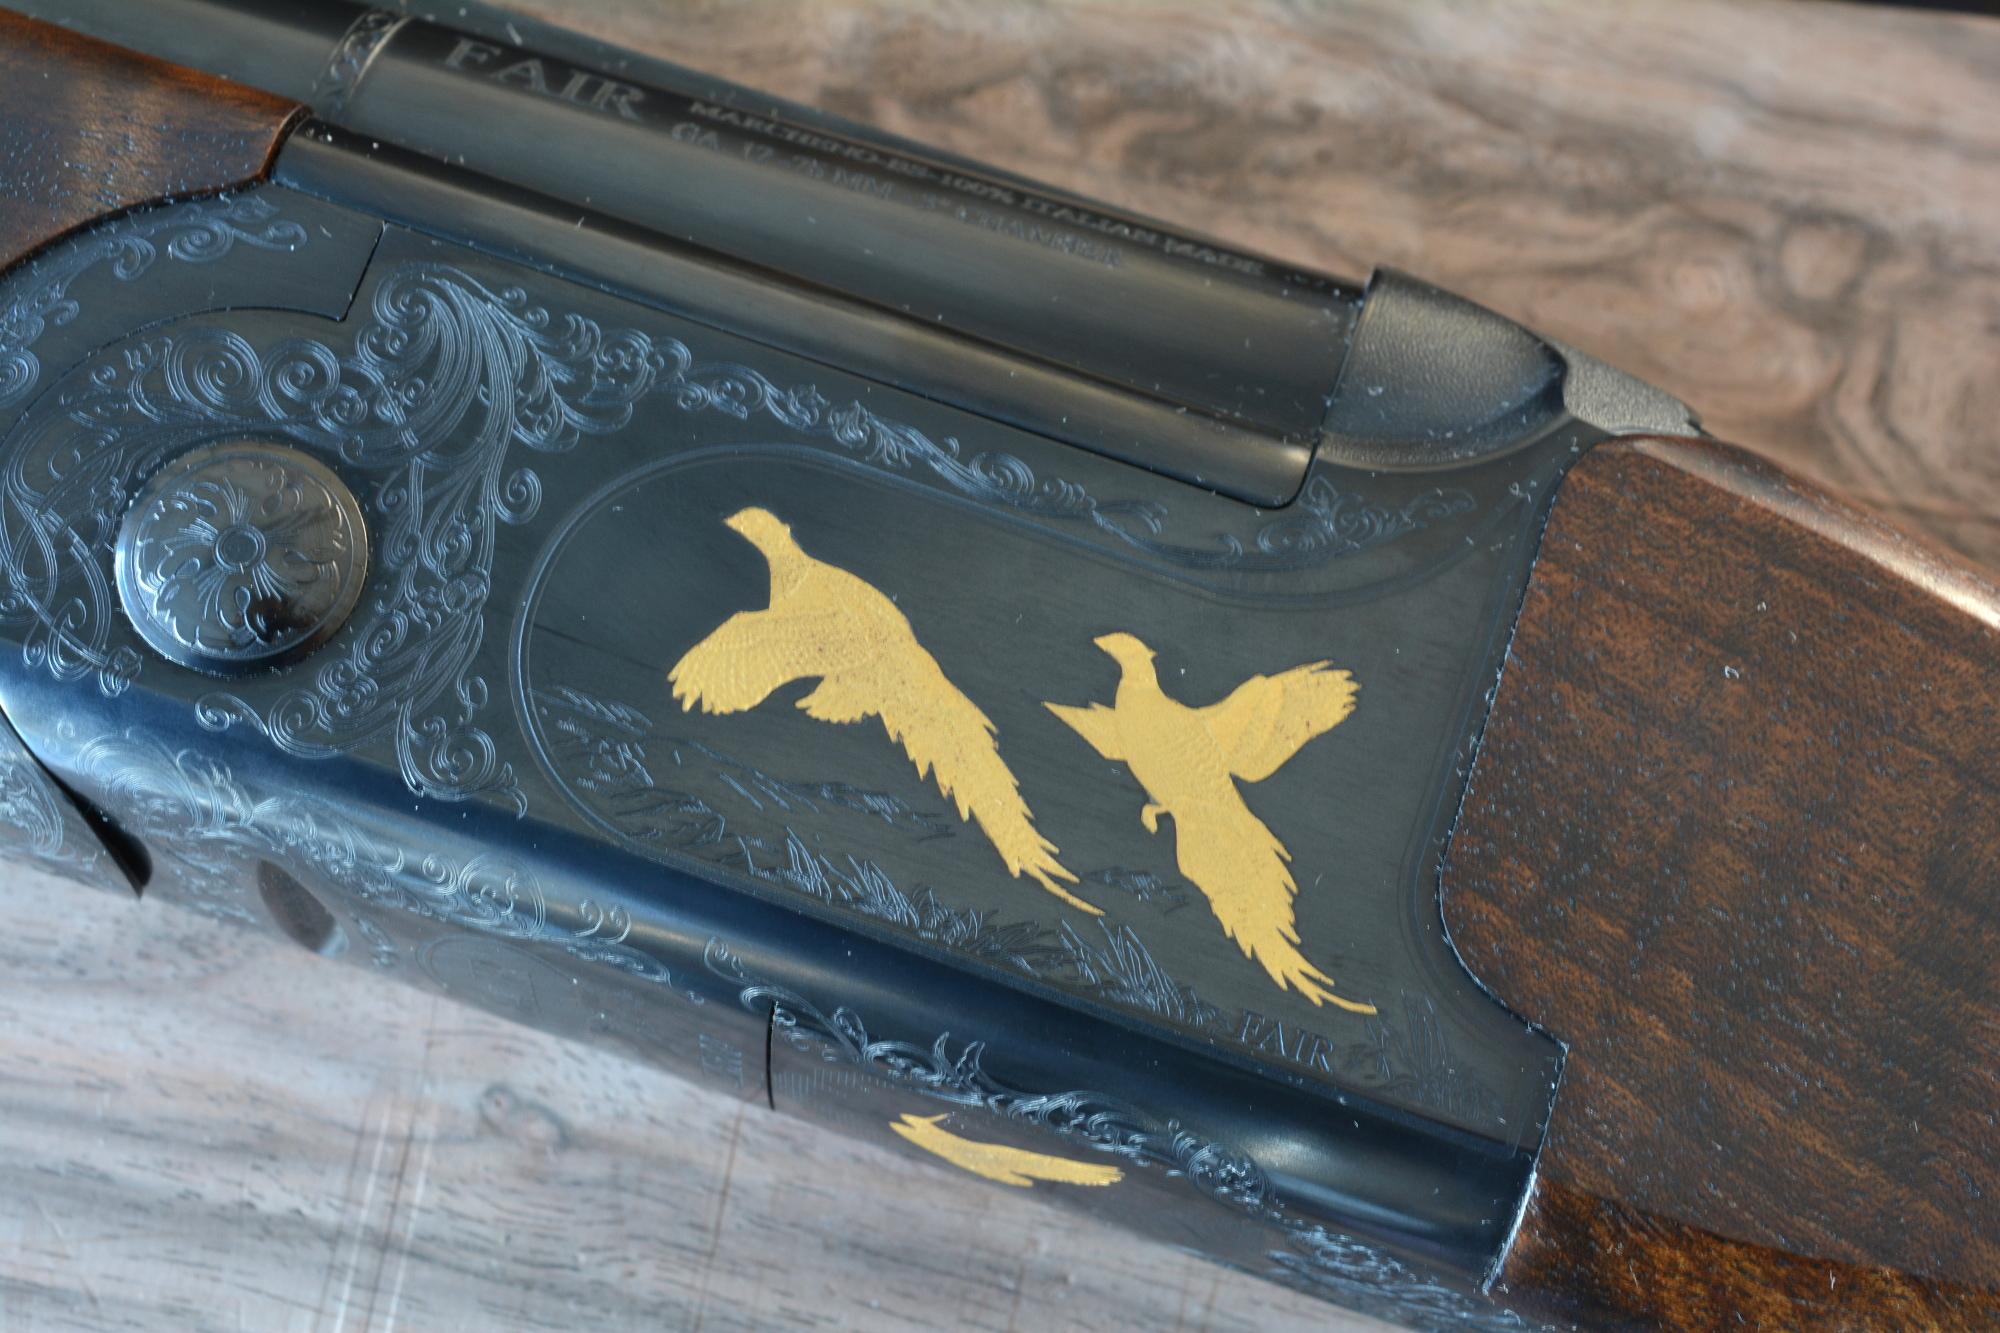 incisioni di fagiani sulla bascula del fair slx 600 de luxe black